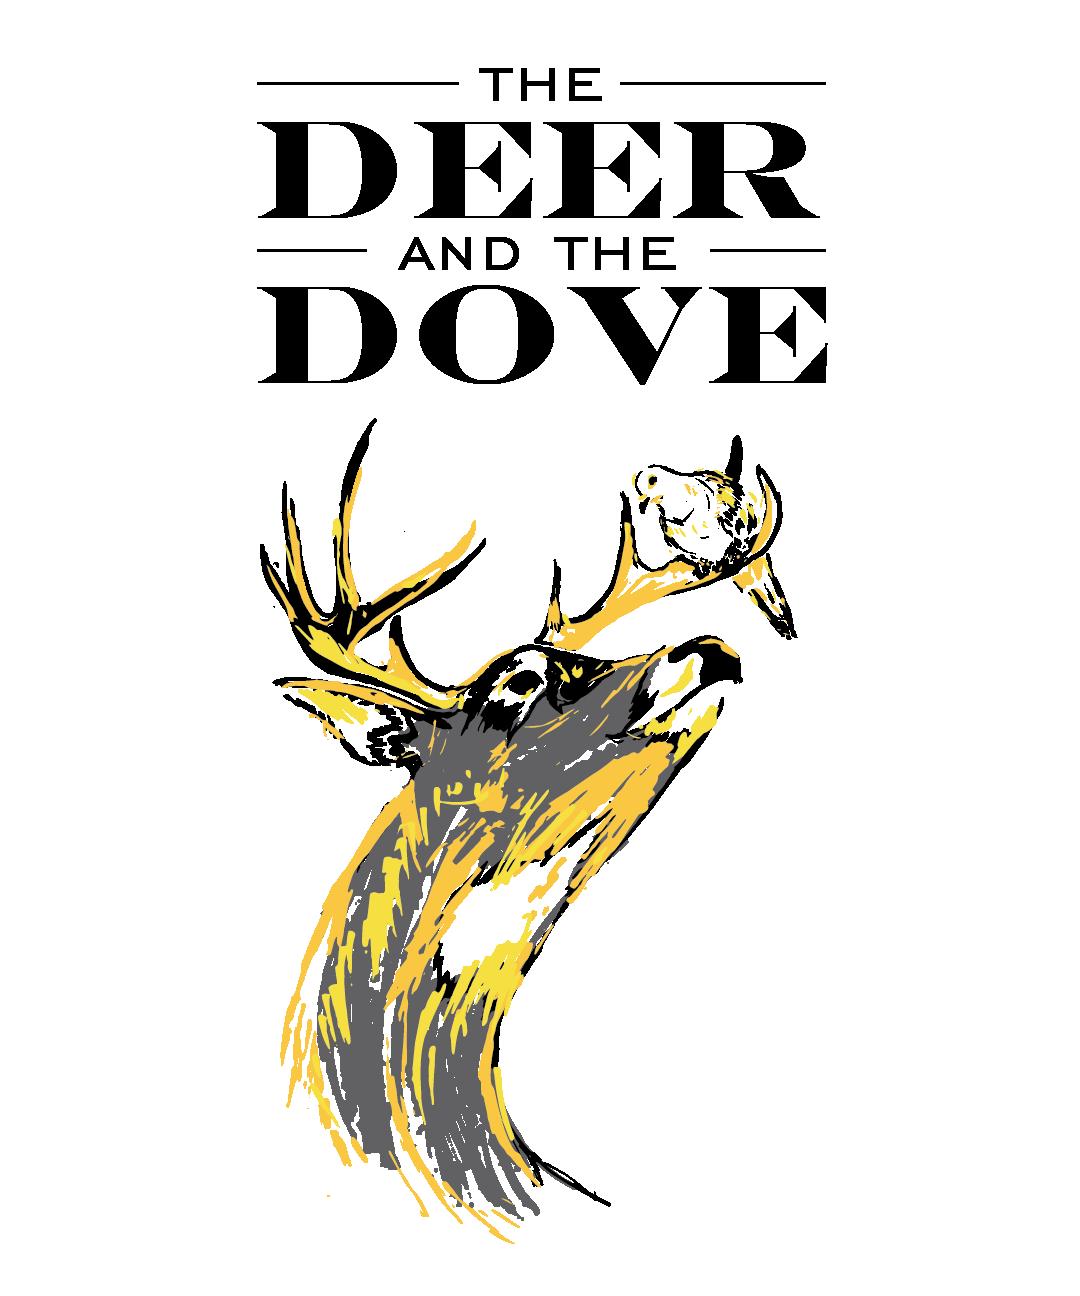 dd-logo-2019-01.png